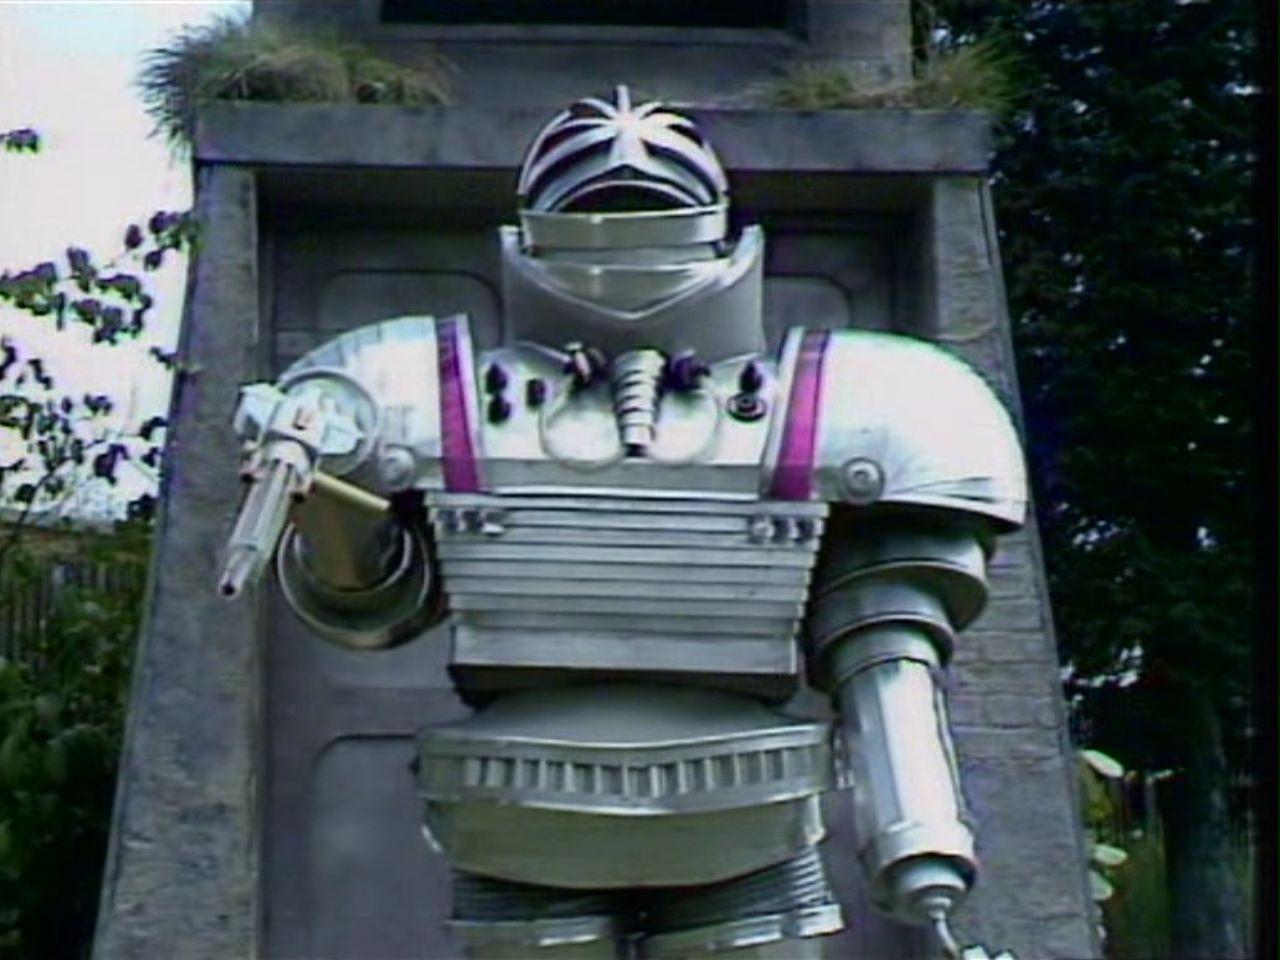 K1 Robot